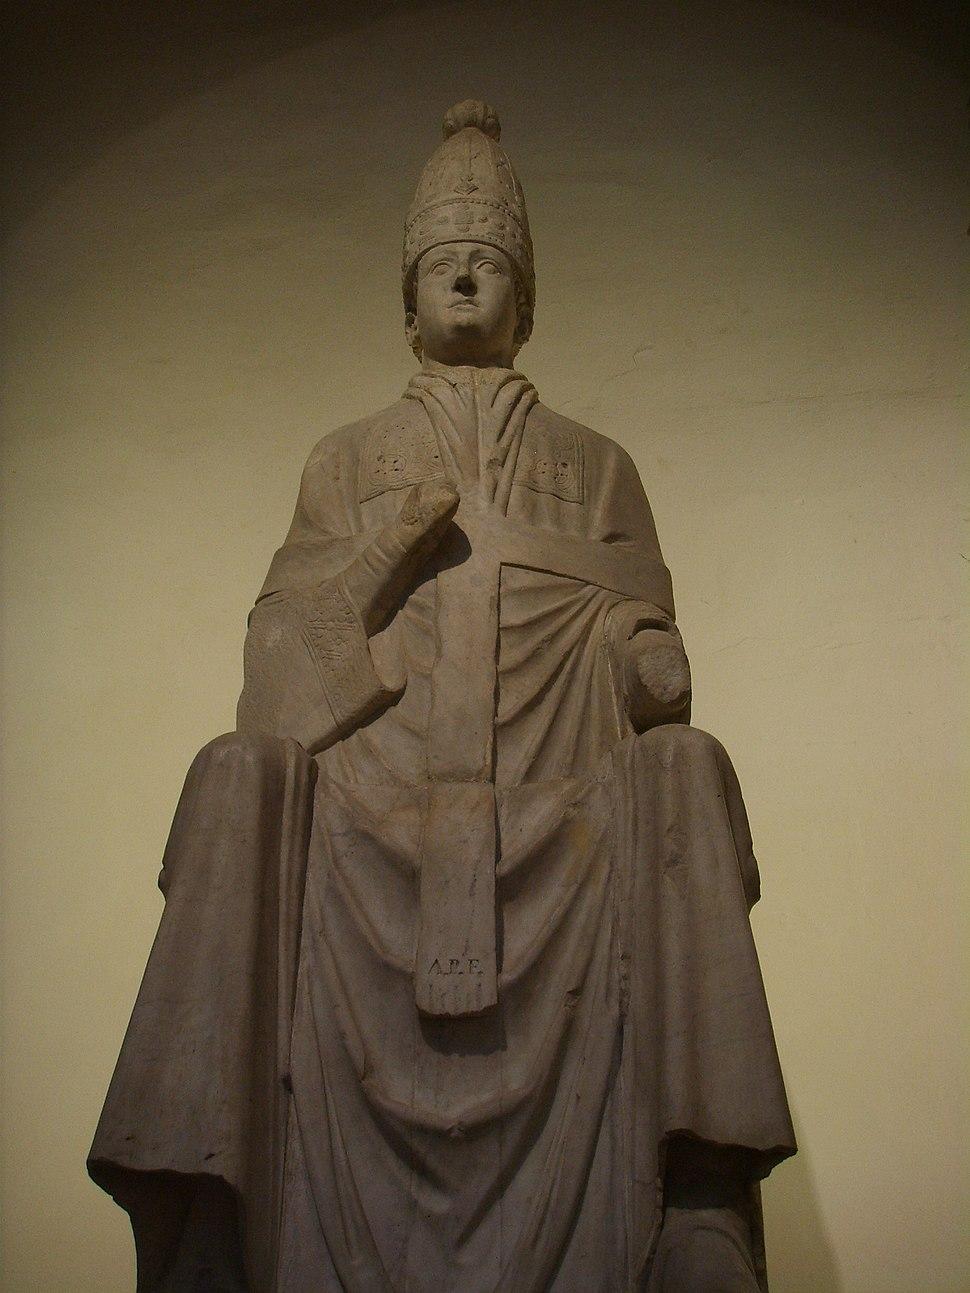 Opera del duomo (FI), arnolfo di cambio, Bonifacio VIII , 1298 circa, 03